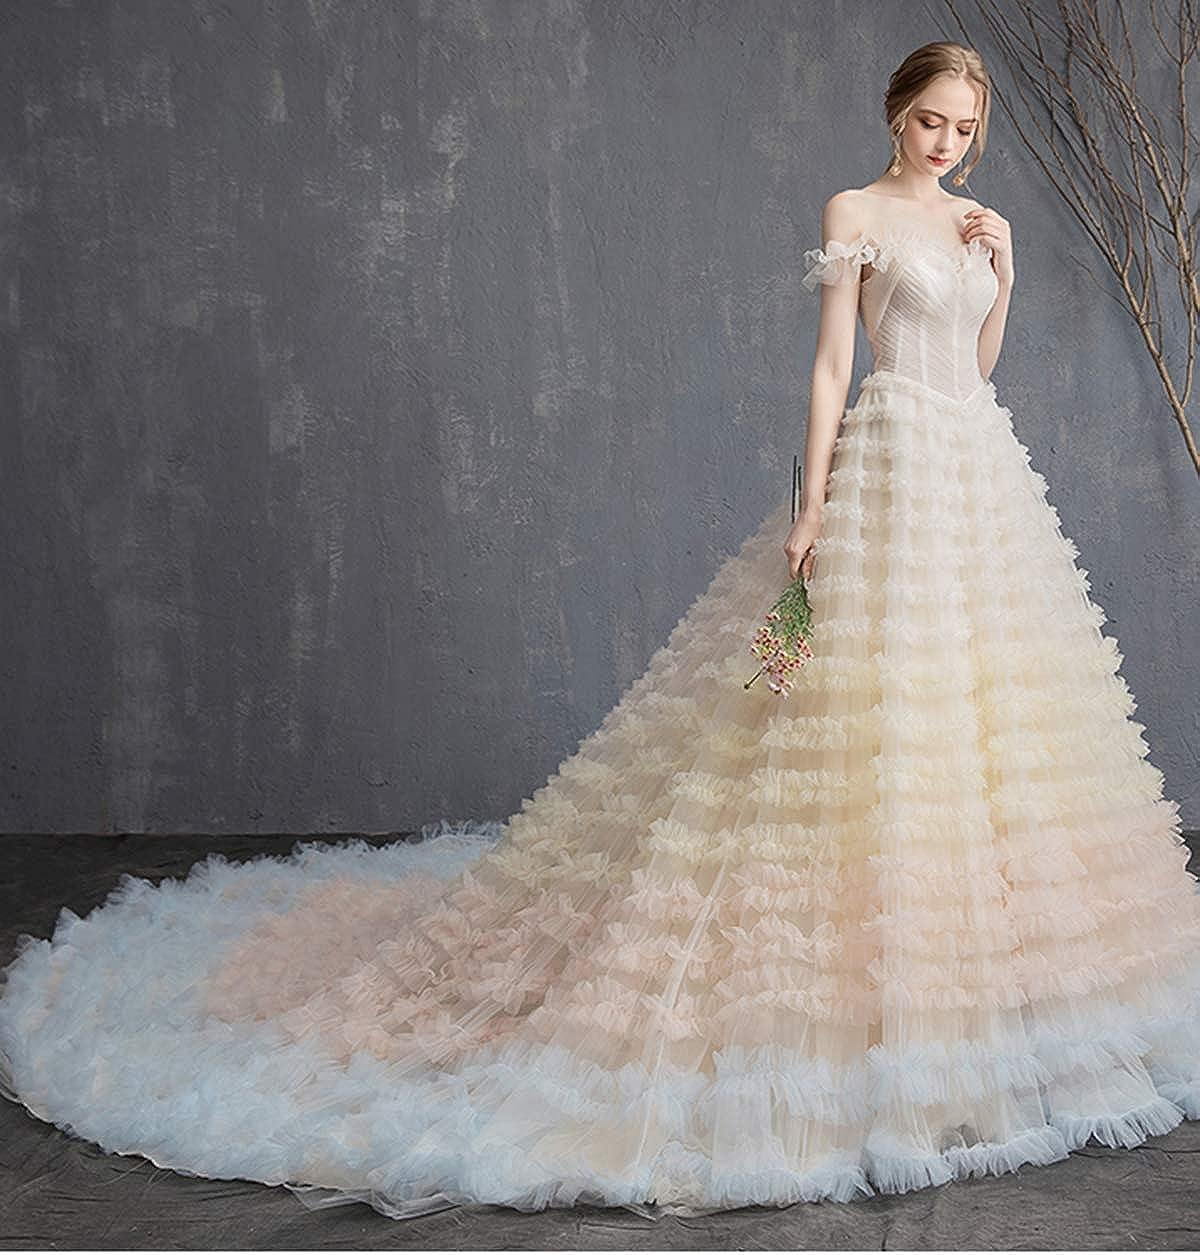 YUAKOU Womens Tulle Petticoat Crinoline Half Slip Underskirt for Bridal Dress